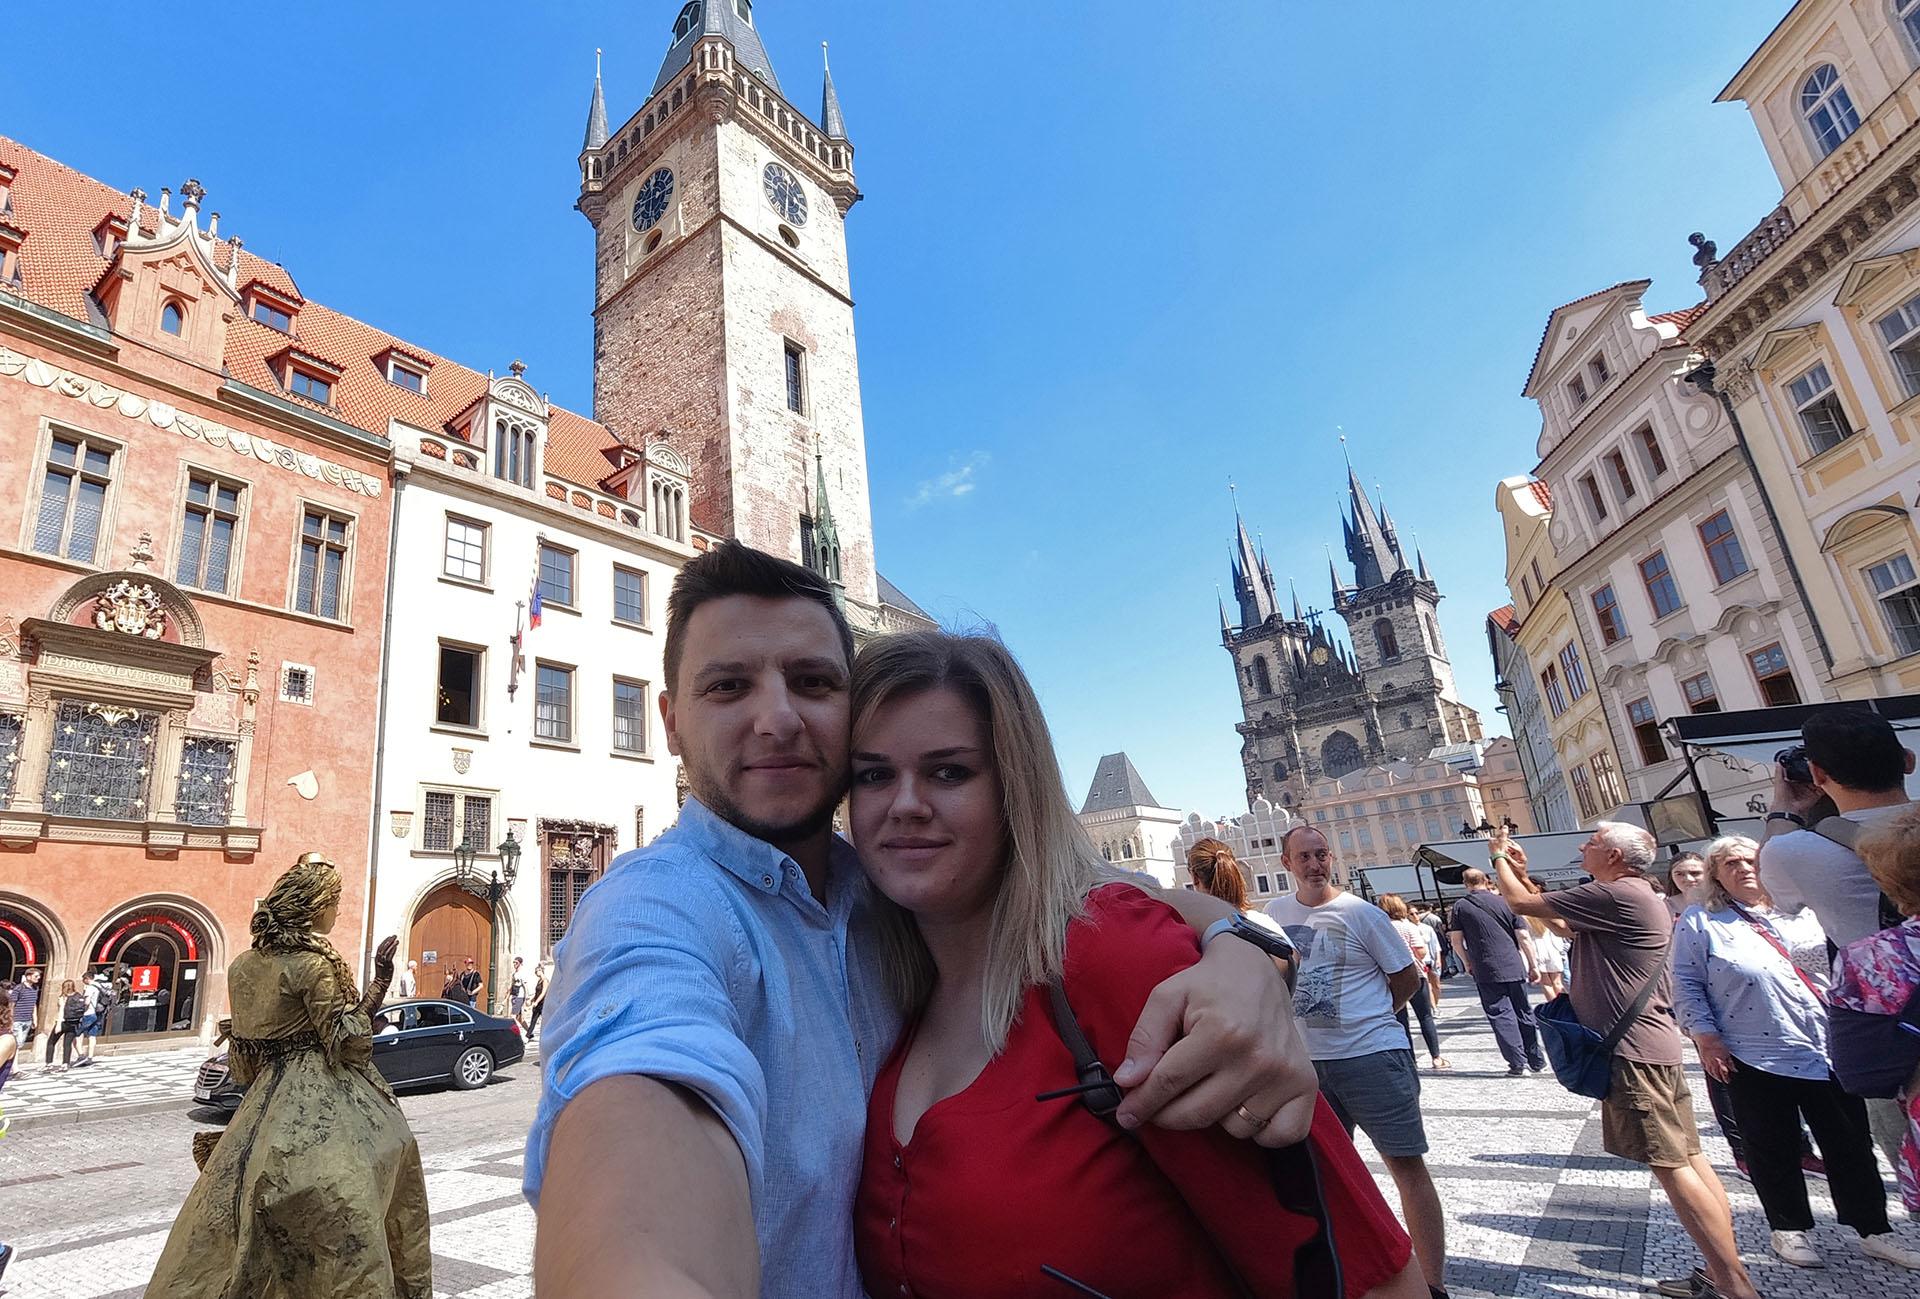 5 zile în minunata Praga